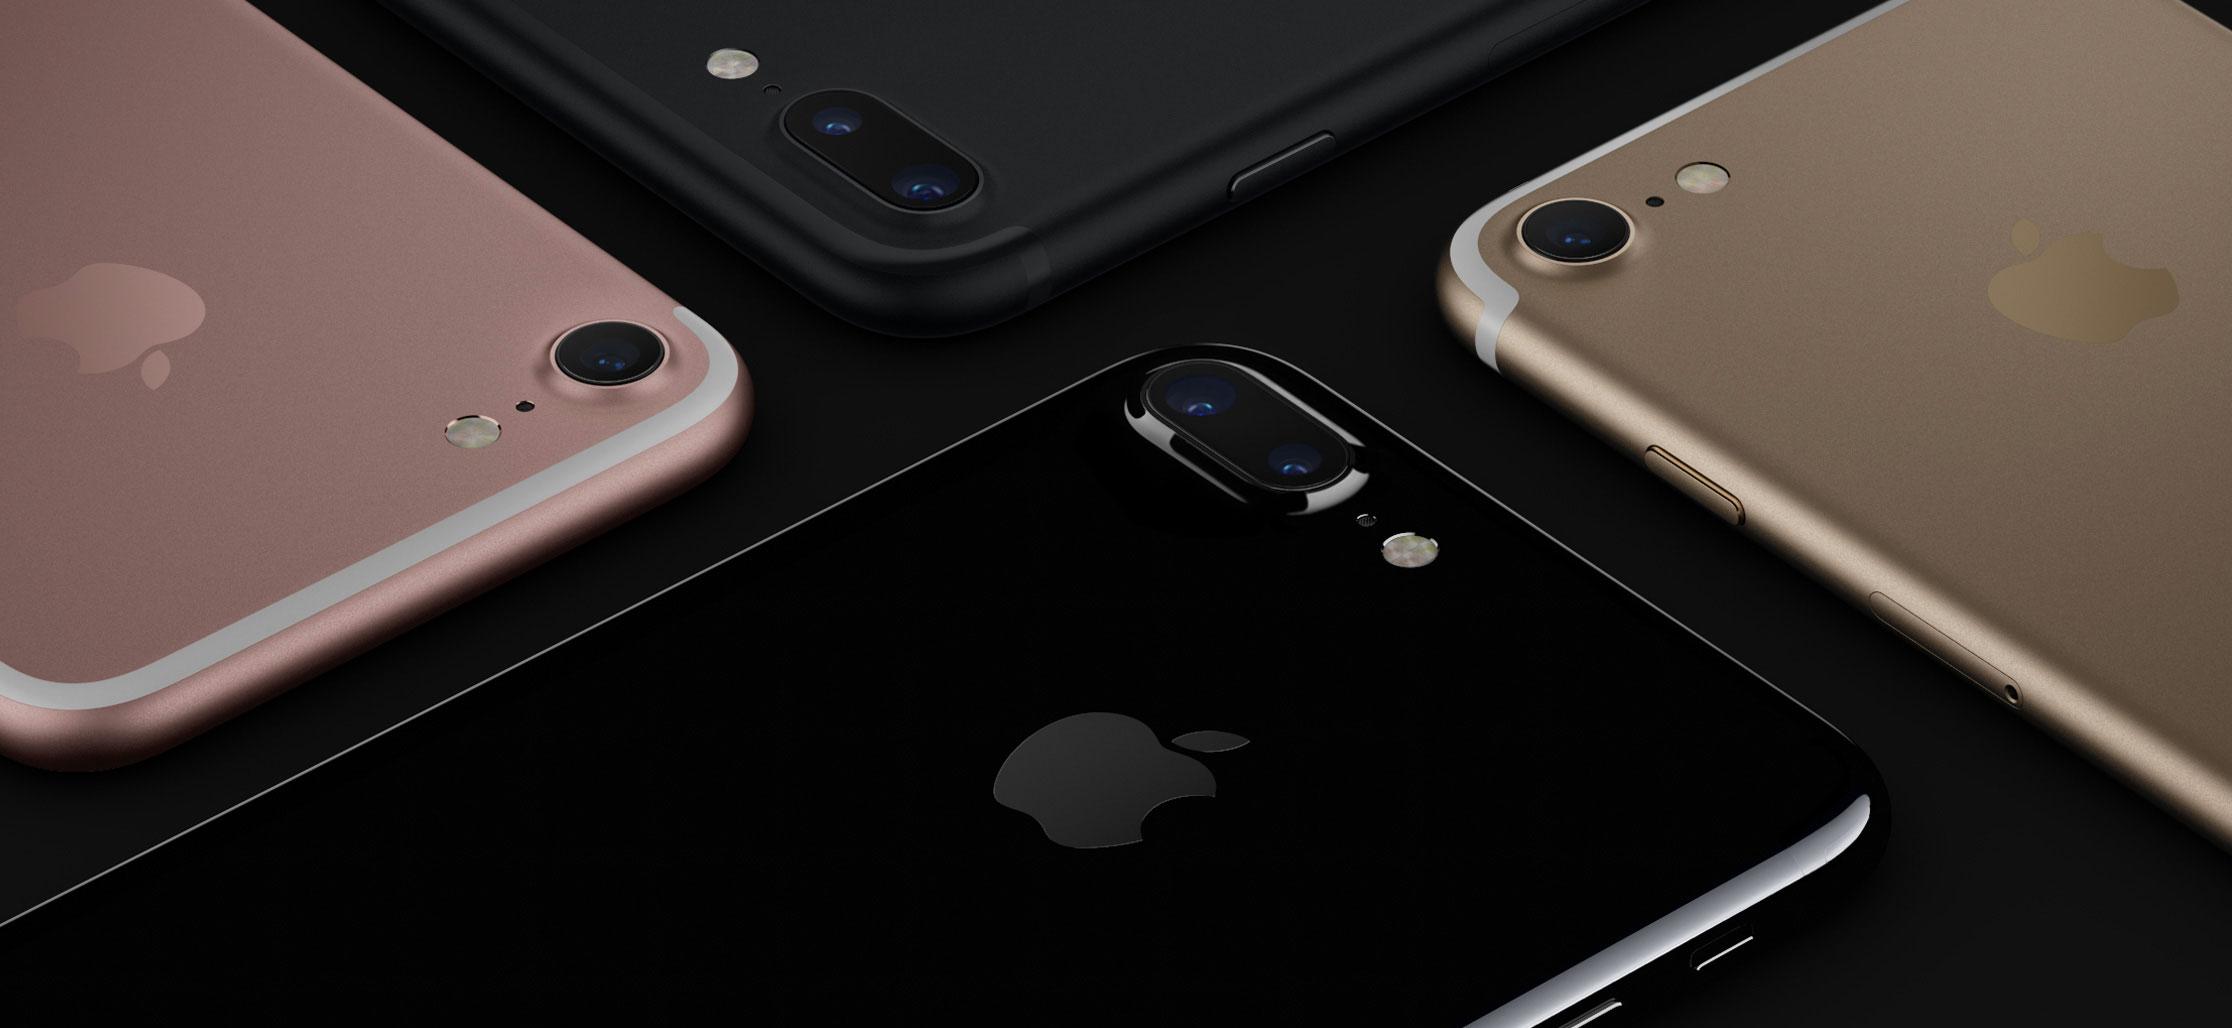 Colores de las antenas del iPhone 7